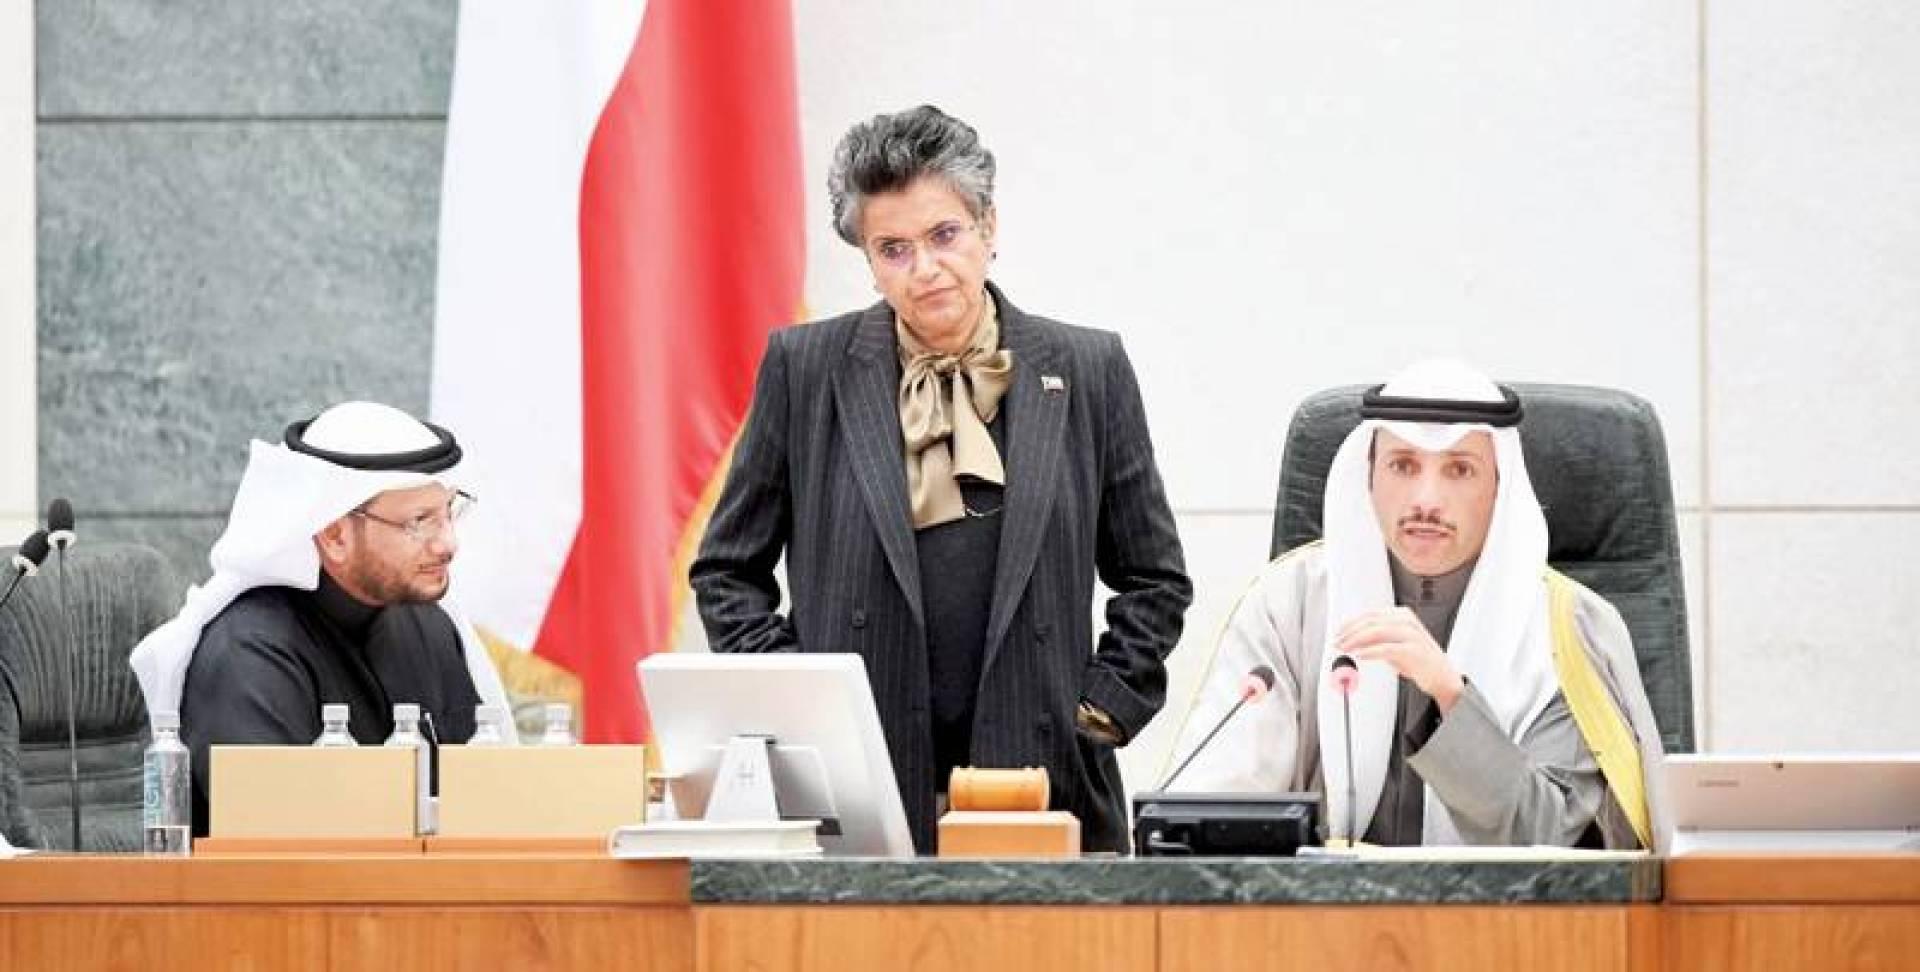 الغانم مترئسا الجلسة أمس .. وإلى جواره الهاشم والشيتان